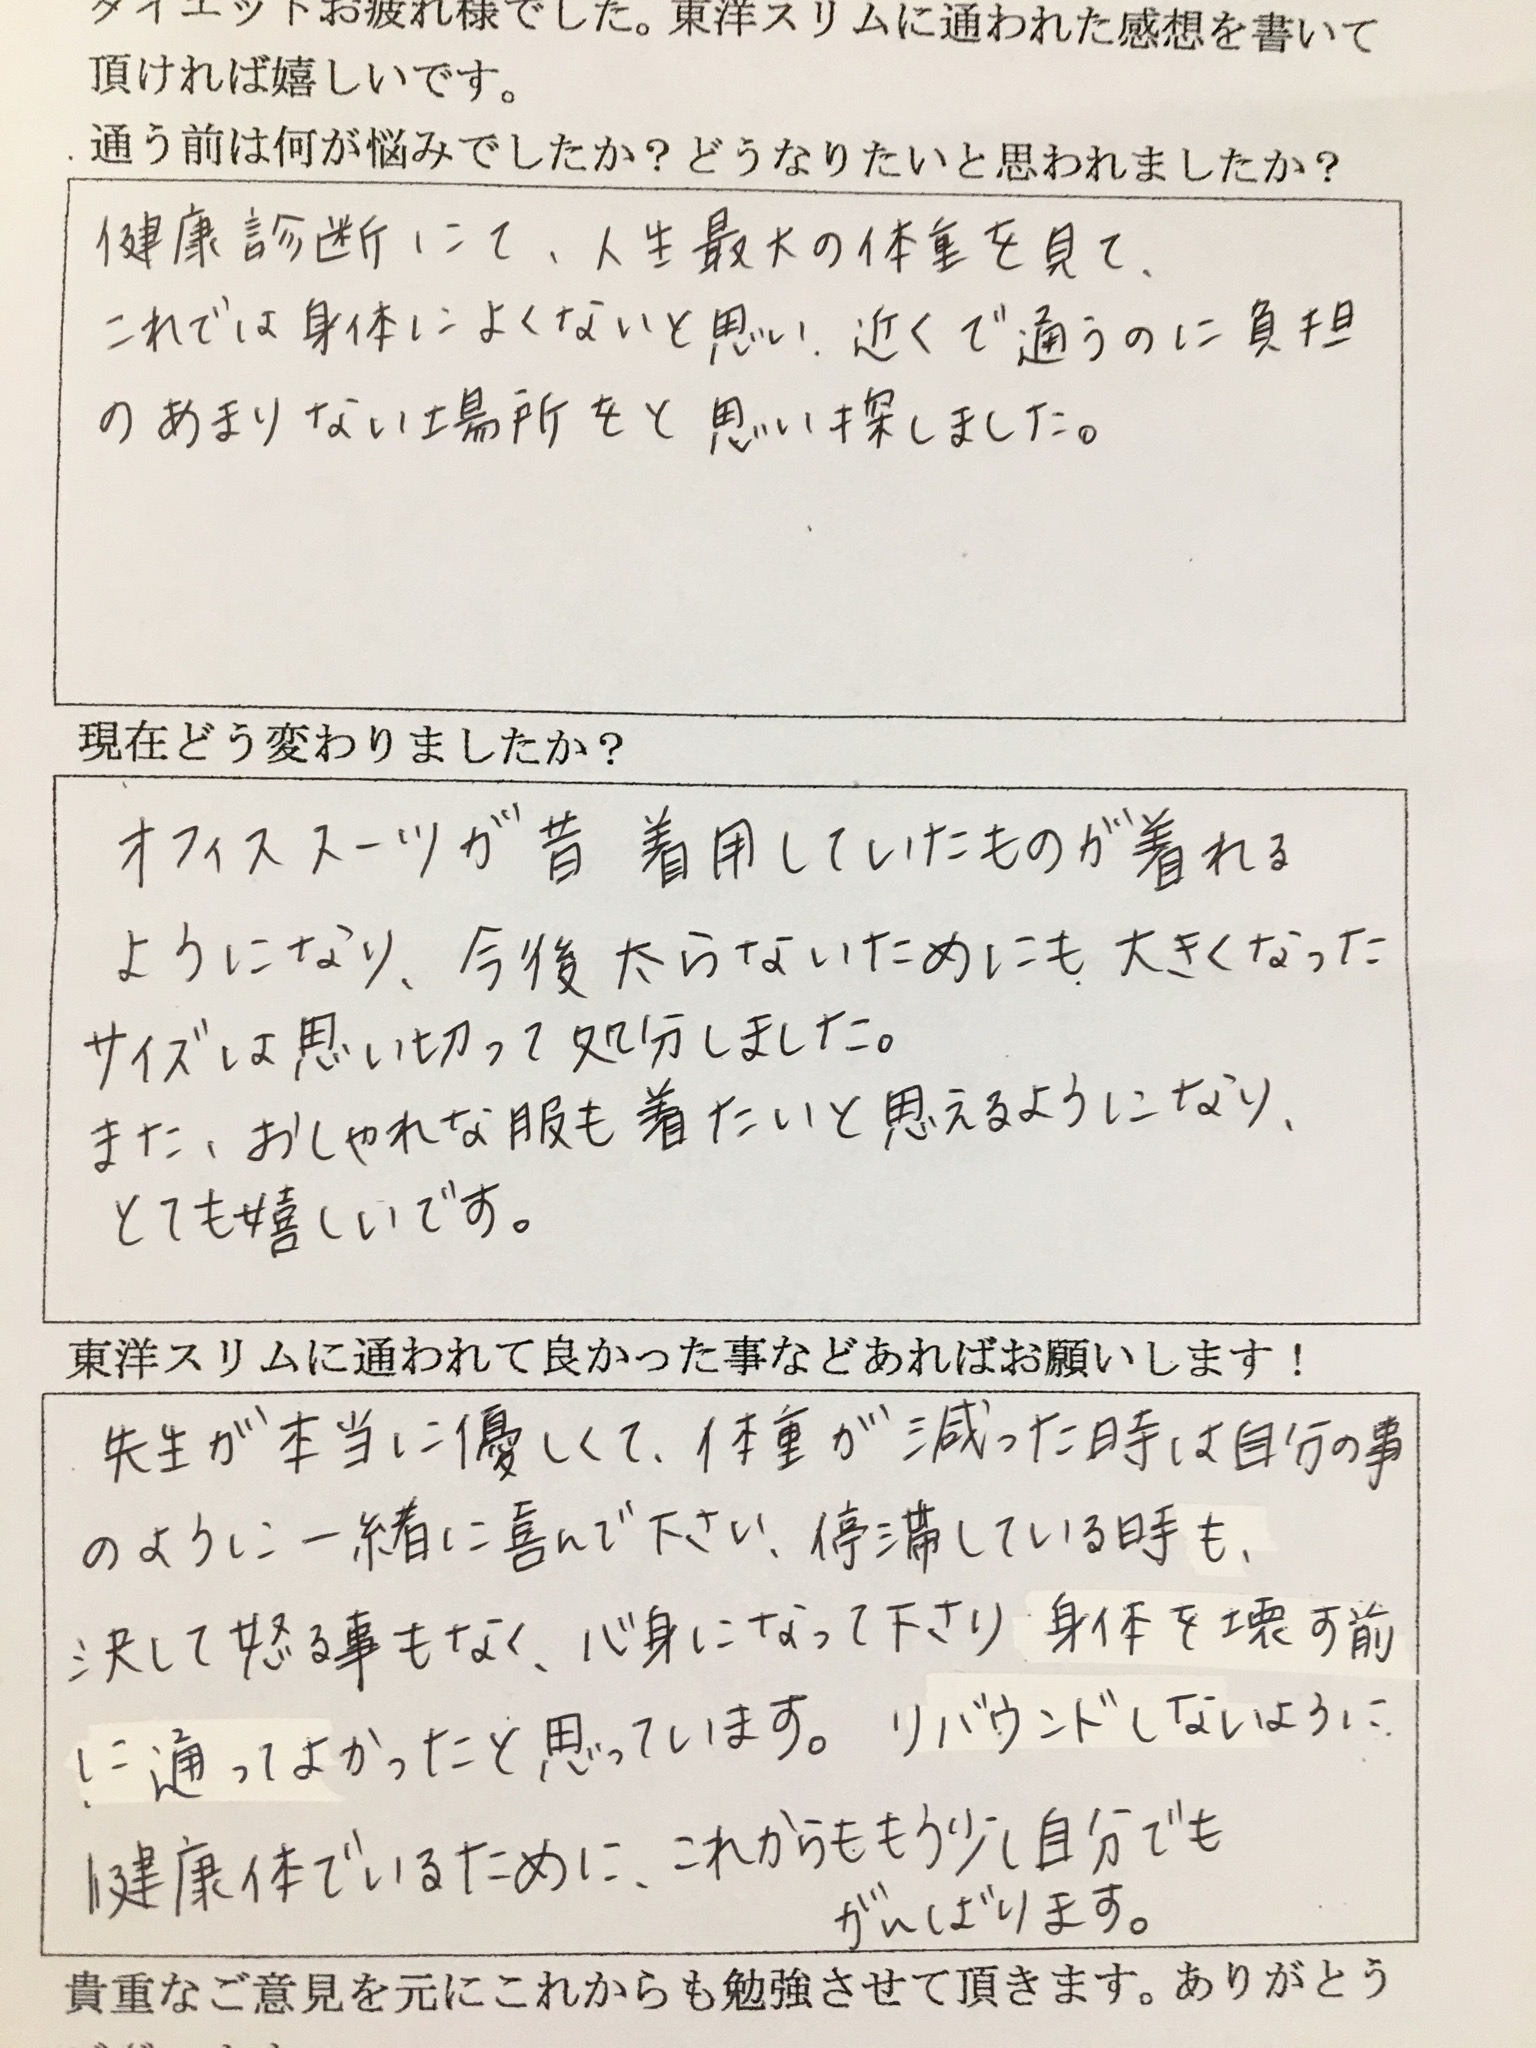 [皆様の声]大阪府藤井寺市Yさん(30代)耳ツボダイエットー13kg成功。大きくなったサイズは思い切って処分しました。